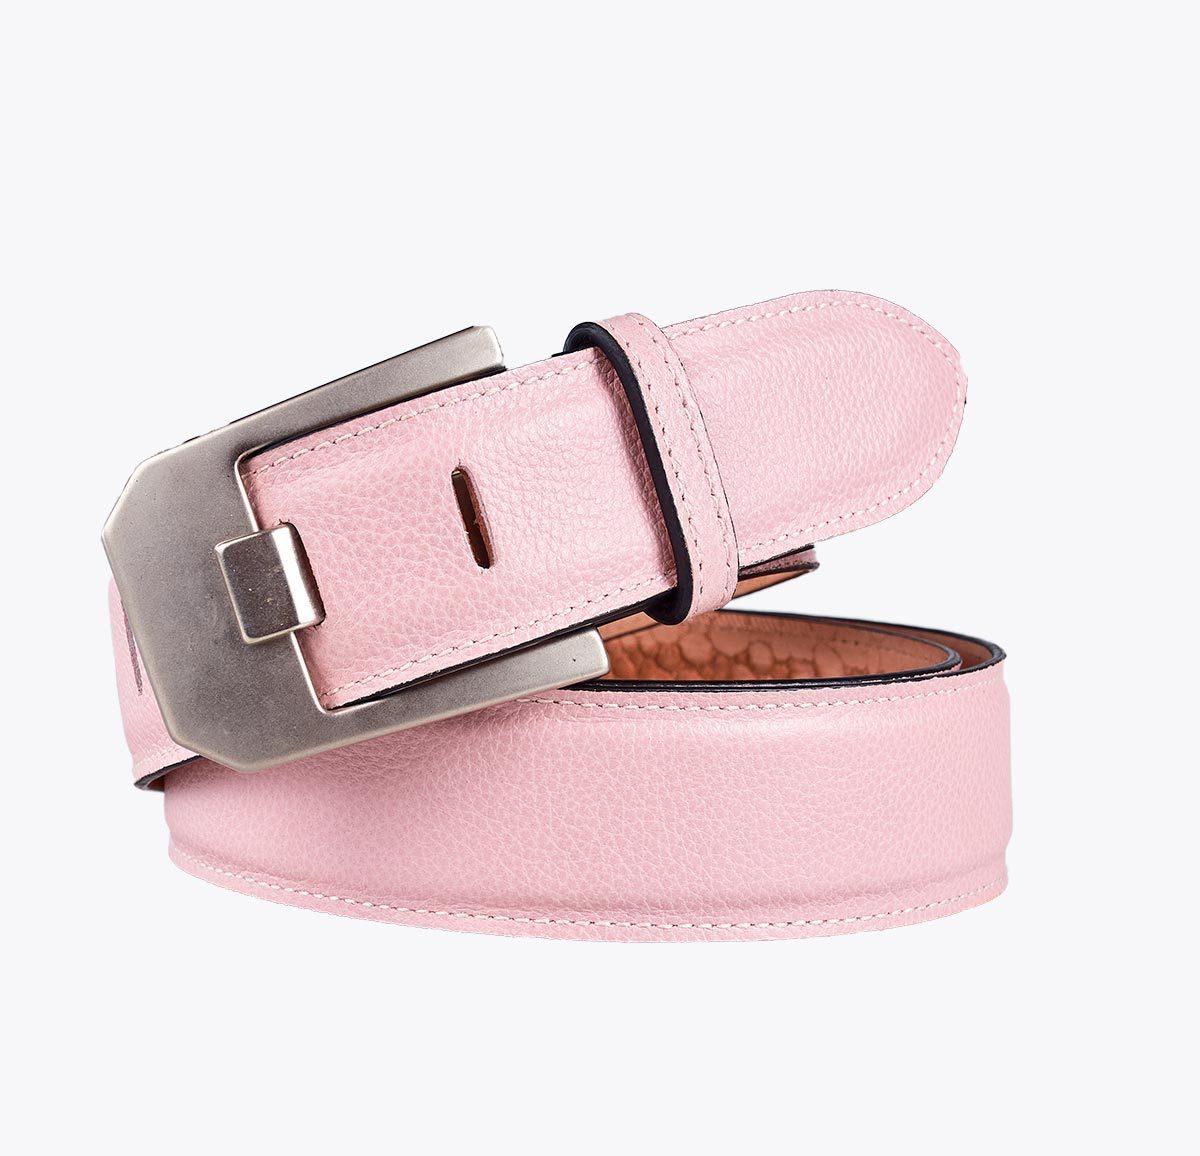 Cinturón grabado hebilla cuadrada rosa Accesorios y complementos en mandalashoes. Accessories in mandalashoes. Zubehör in Mandalas.